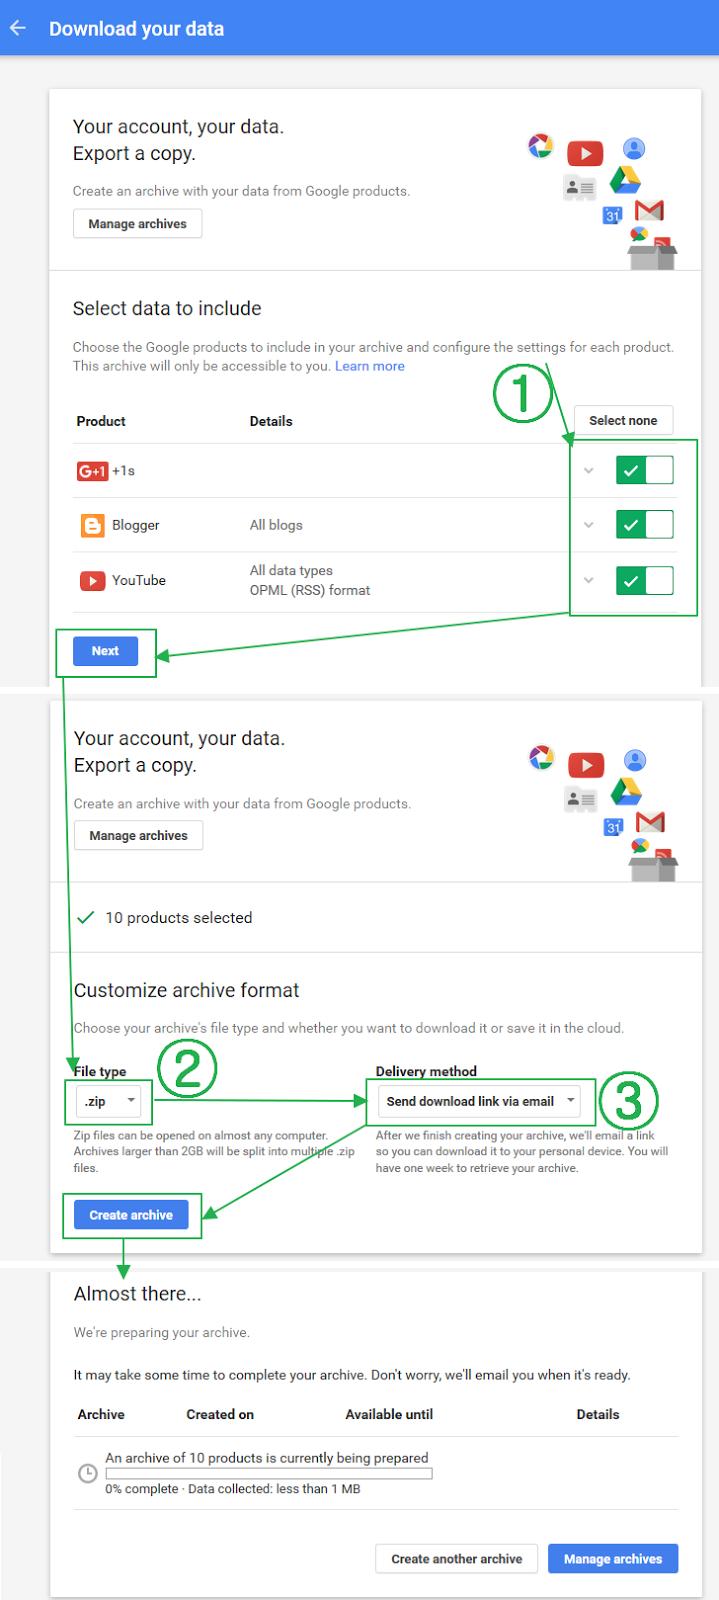 구글 계정 콘텐츠 백업 다운로드 하는 방법 - 구글 계정의 모든 제품을 한 번에 백업하기